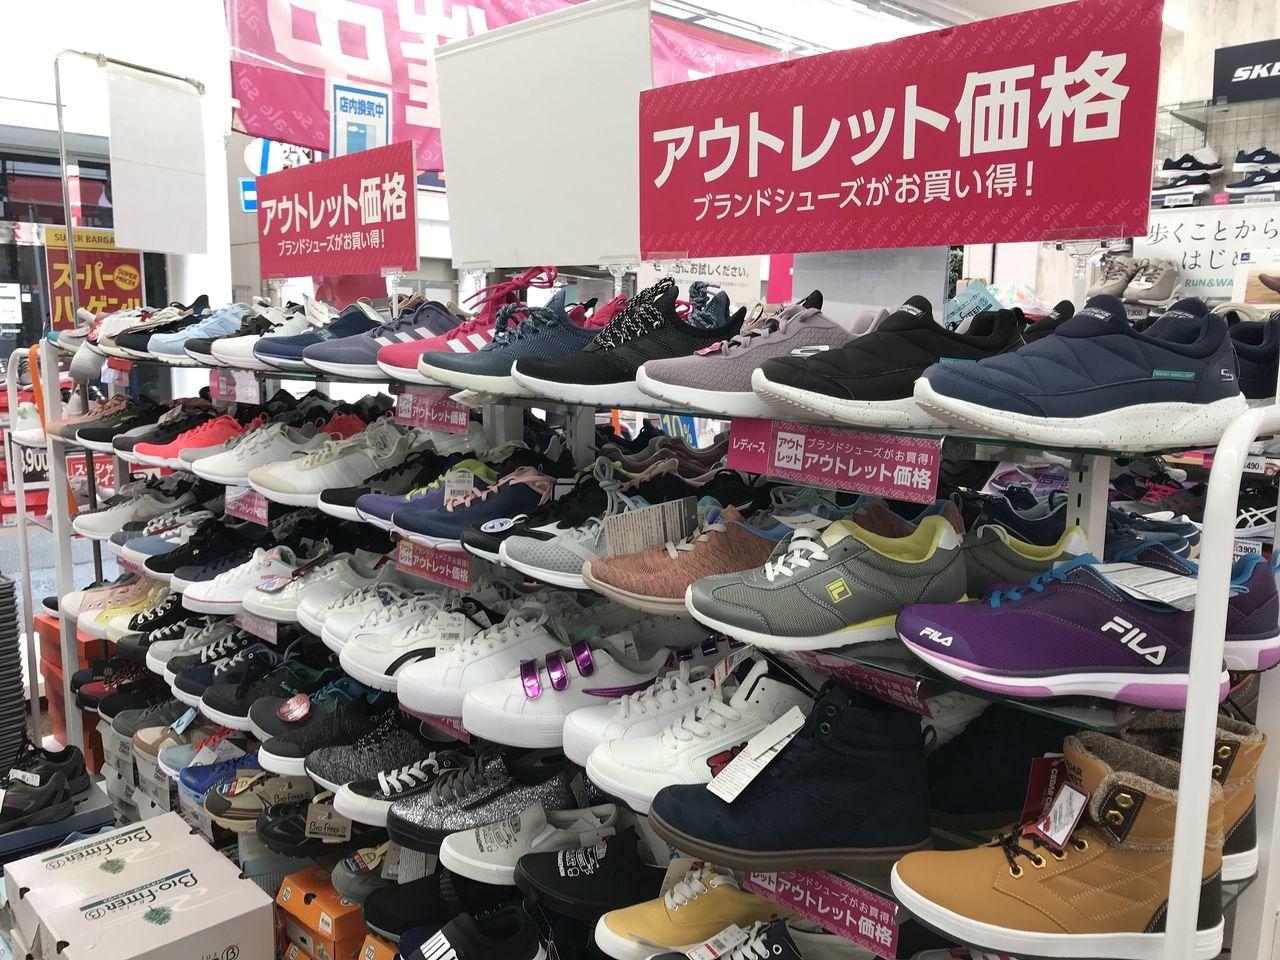 行徳の東京靴流通センターの婦人用スニーカー